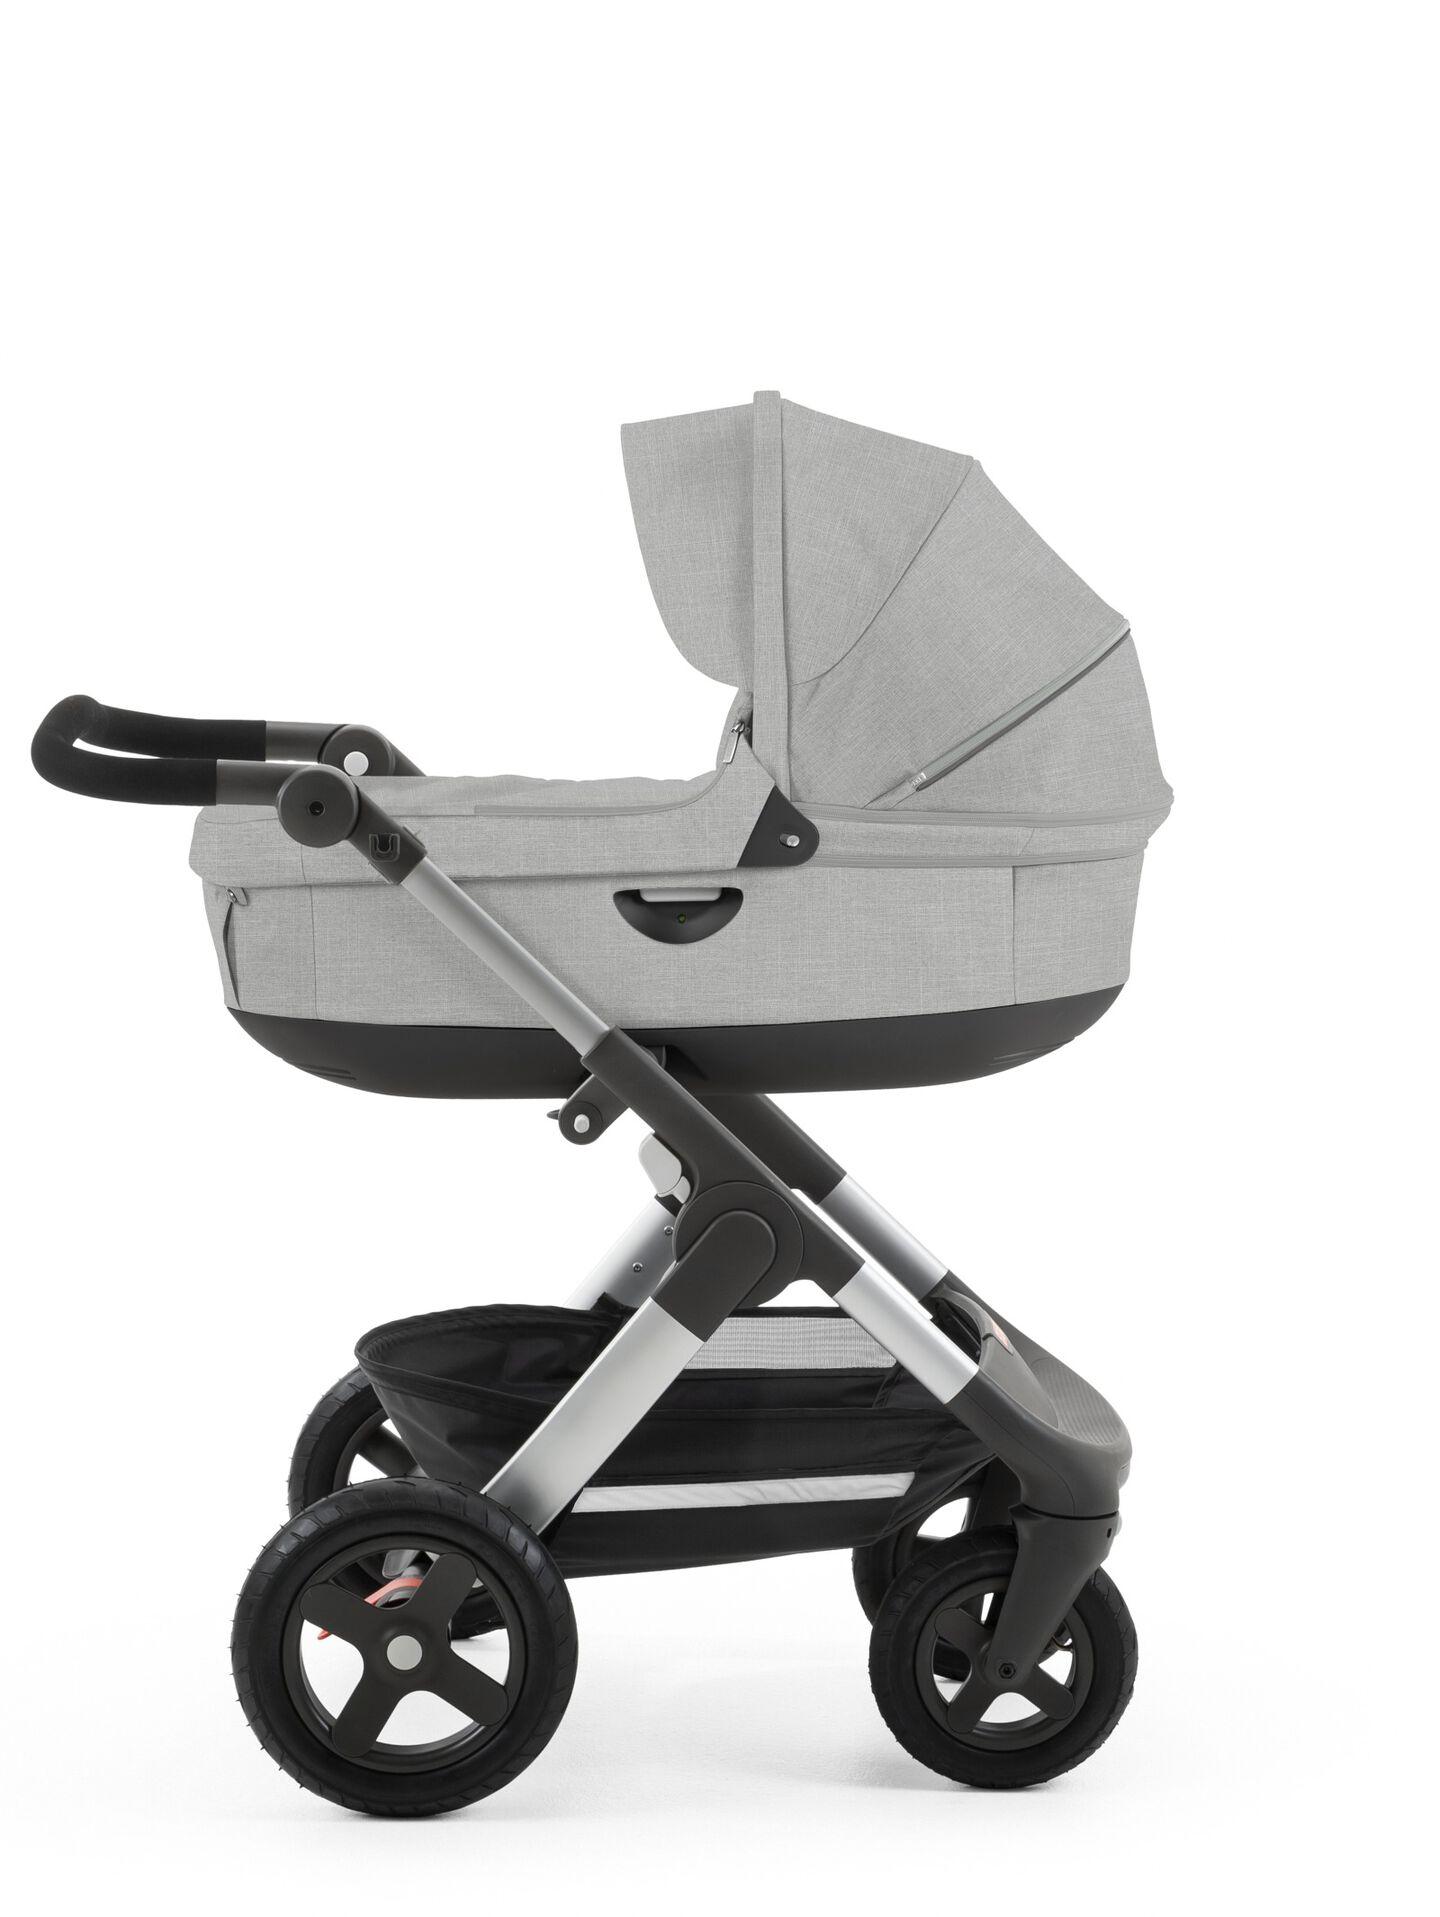 Stokke® Trailz™ with Stokke® Stroller Carry Cot, Grey Melange.